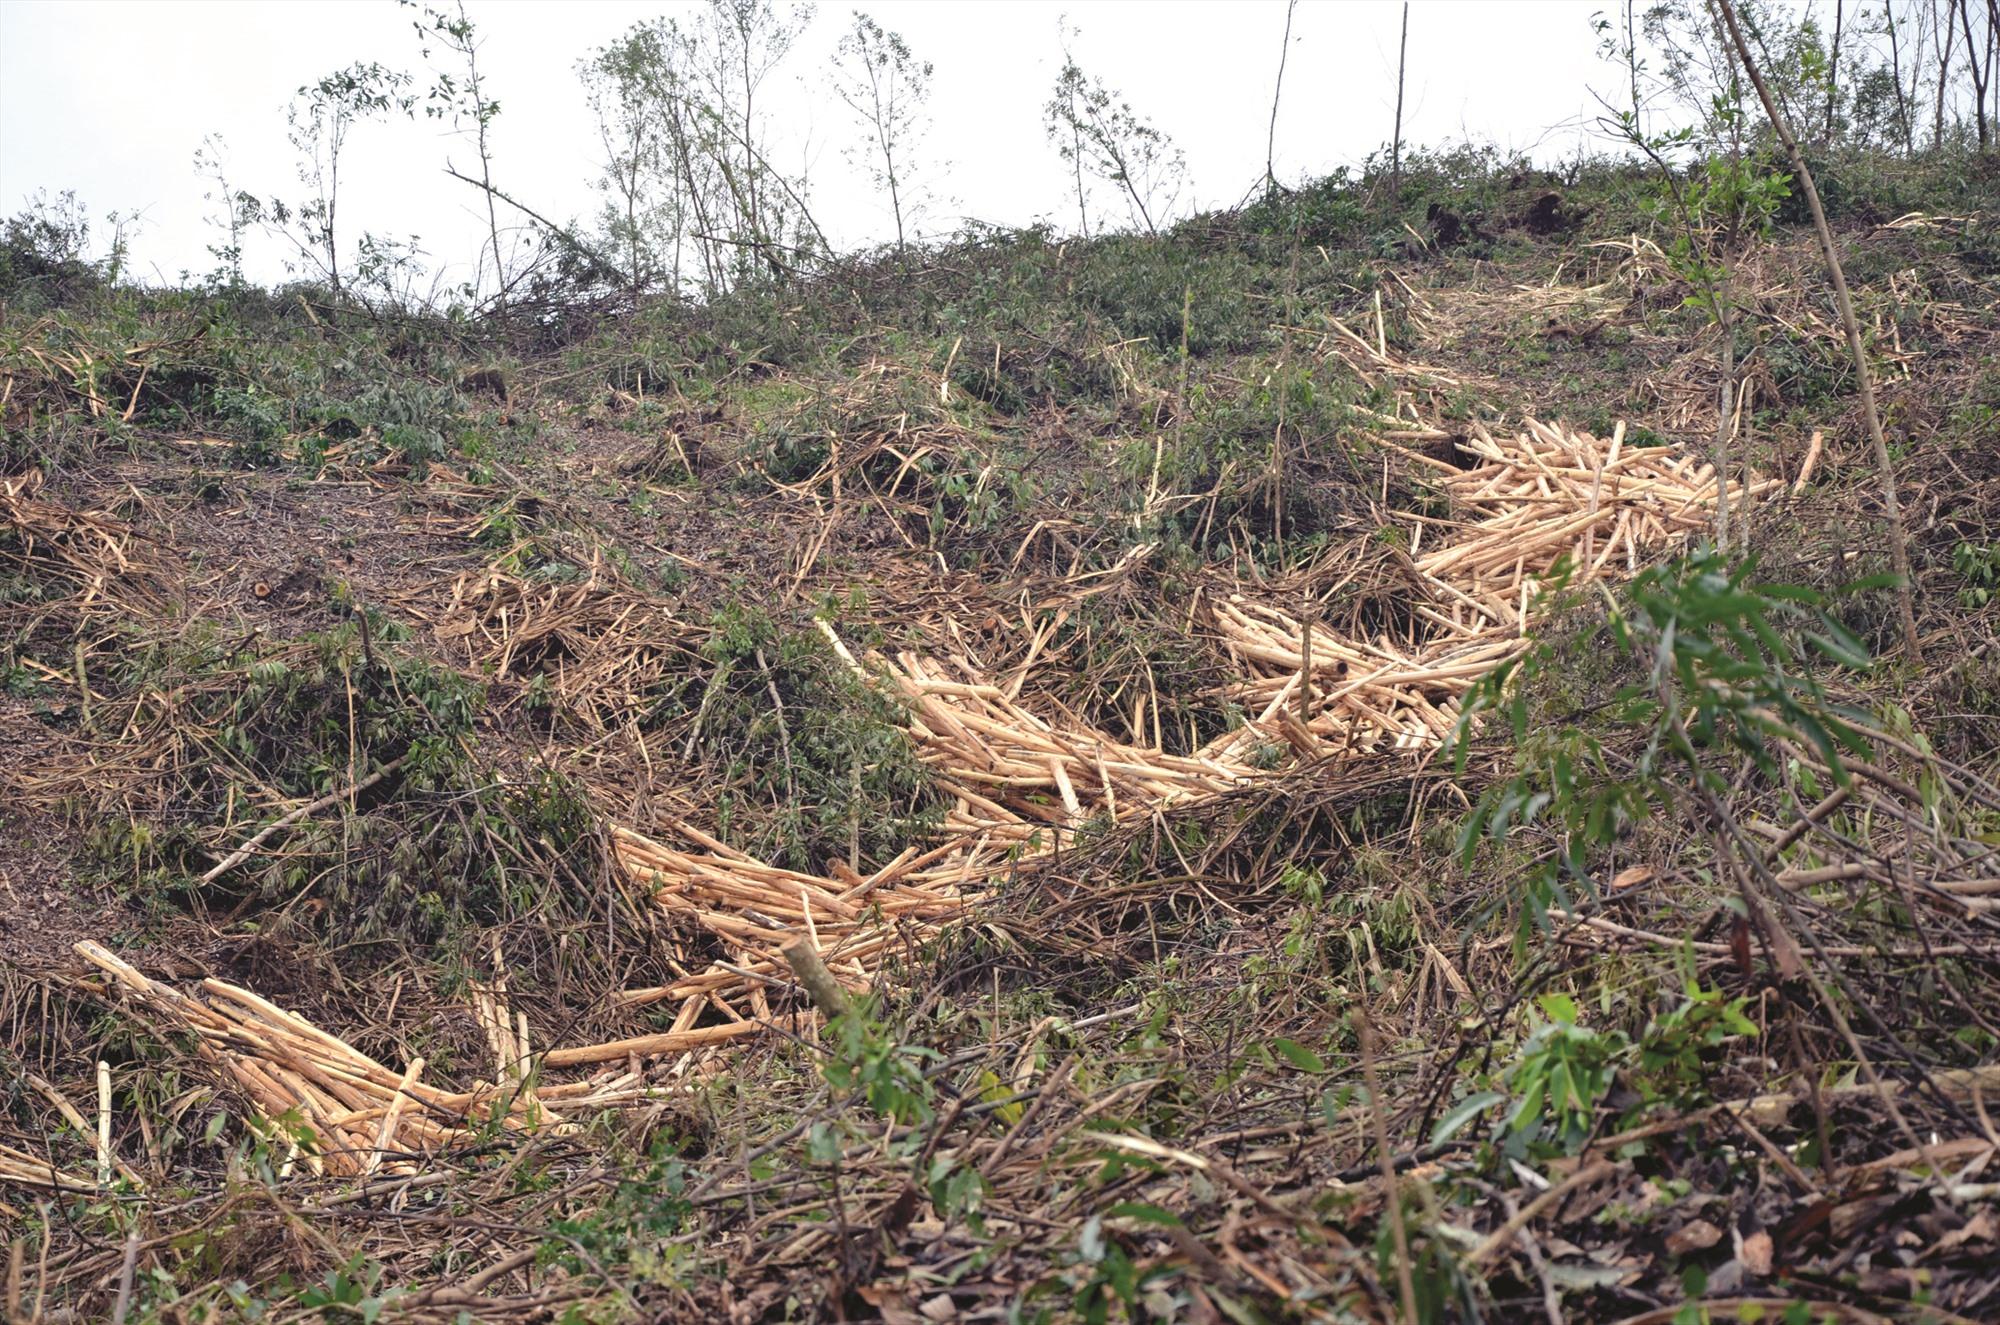 Cần có chính sách bảo hiểm cây trồng để phát triển ngành lâm nghiệp bền vững. TRONG ẢNH: Khai thác keo đổ ngã do bão số 9 năm 2020 tại thị trấn Tân Bình (Hiệp Đức). Ảnh: H.P